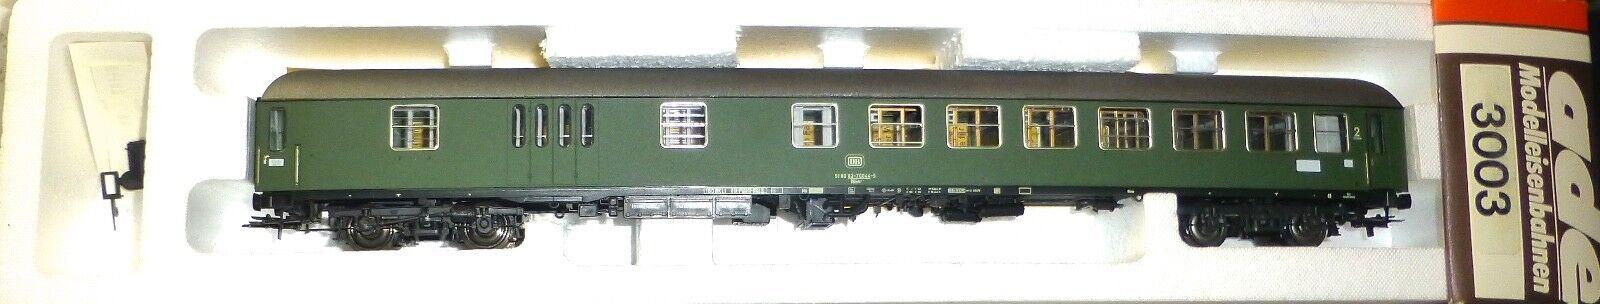 Ade 3003 Bduem 273 Vagone Del Treno 51 80 82 70044 5 verde 1 87 Modello Finito